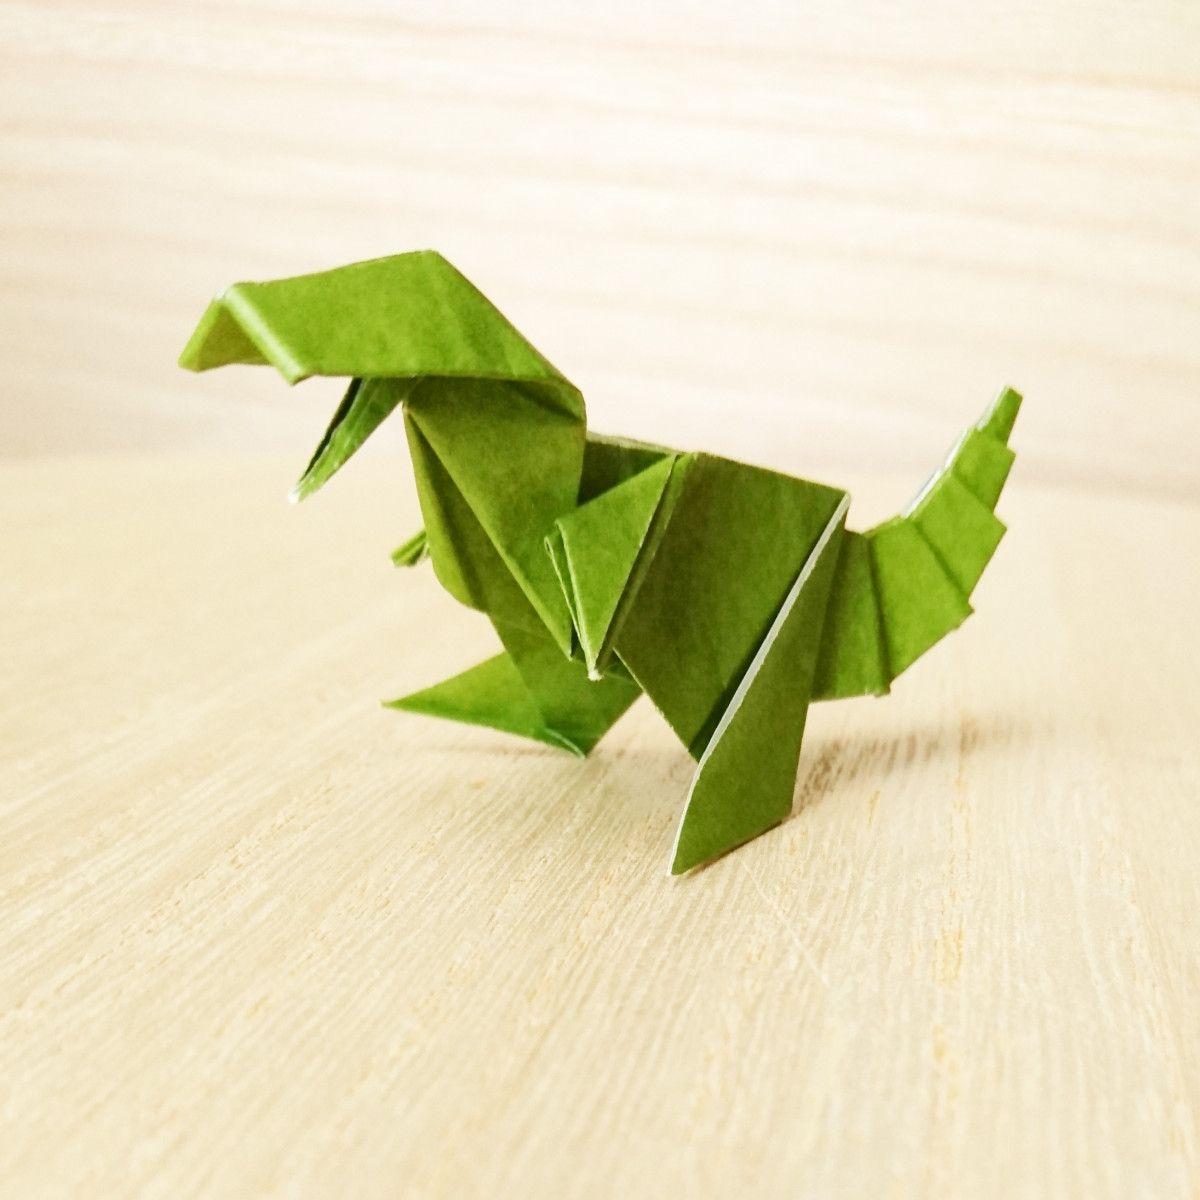 折り紙1枚でトライ 迫力の 立体的な恐竜 の作り方 画像あり